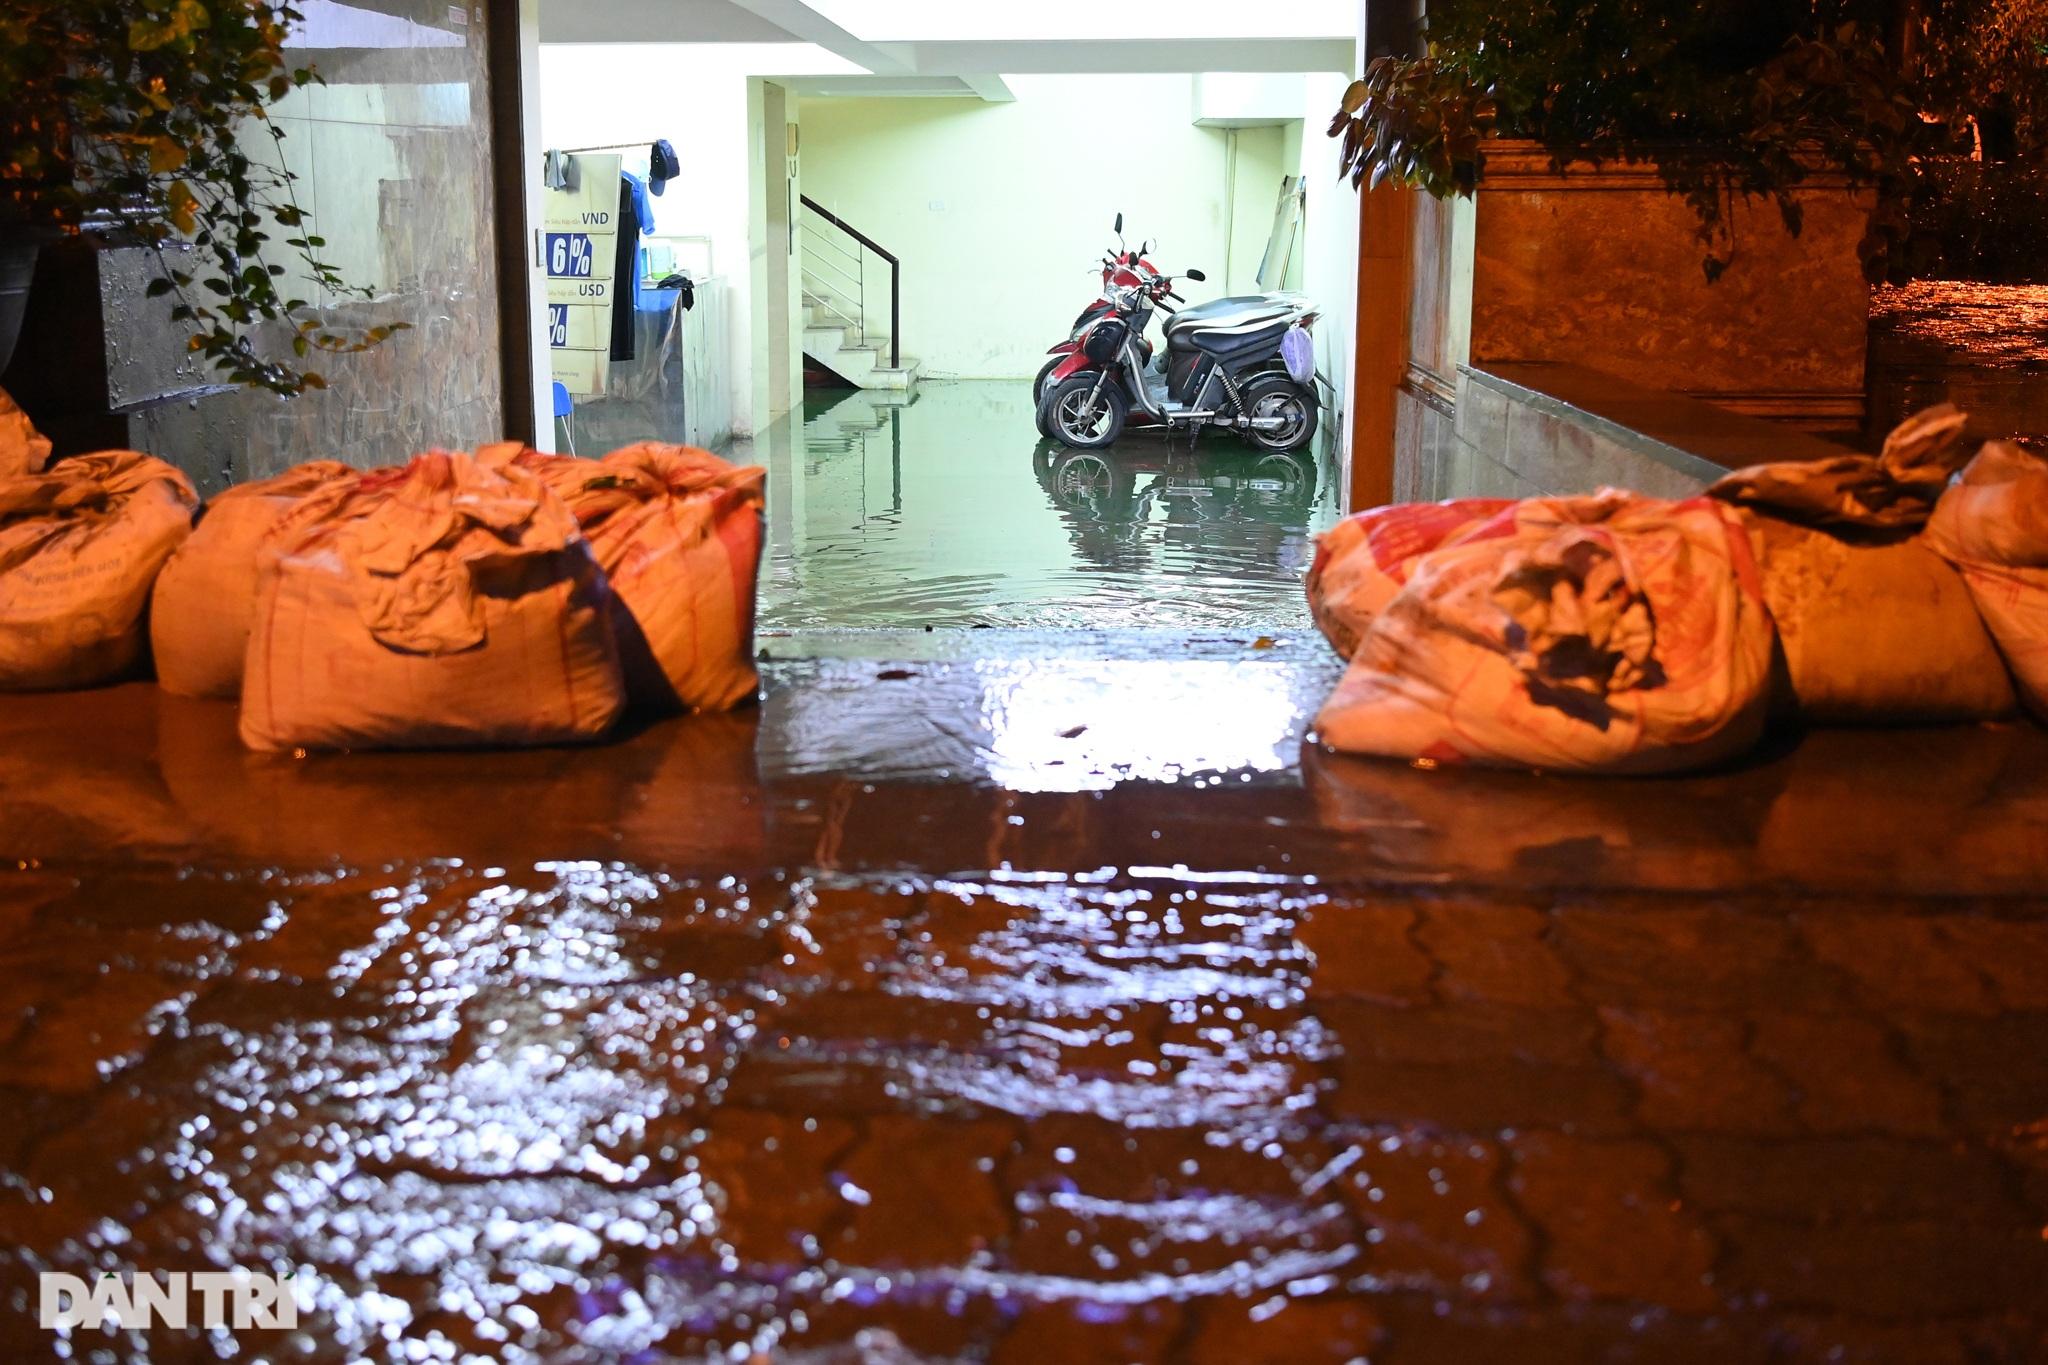 Hà Nội ngập sâu trong nước sau cơn mưa ngắn chưa đầy 1 tiếng đồng hồ - 24